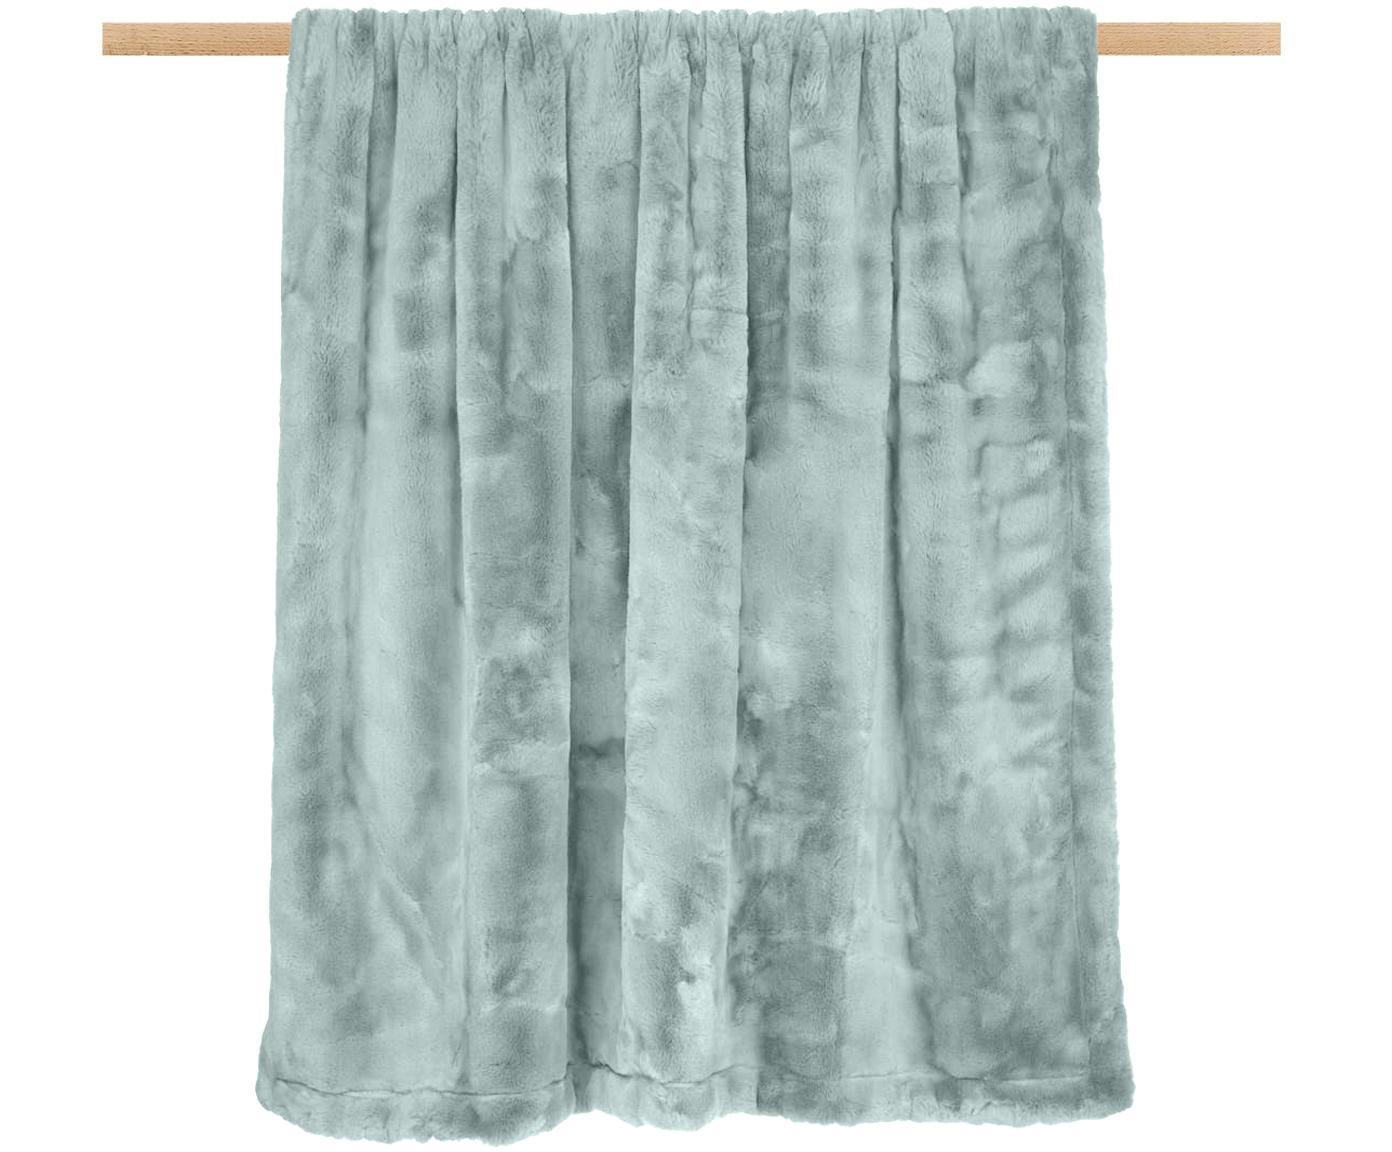 Pled ze sztucznego futra Mette, gładki, Zielony, S 150 x D 200 cm